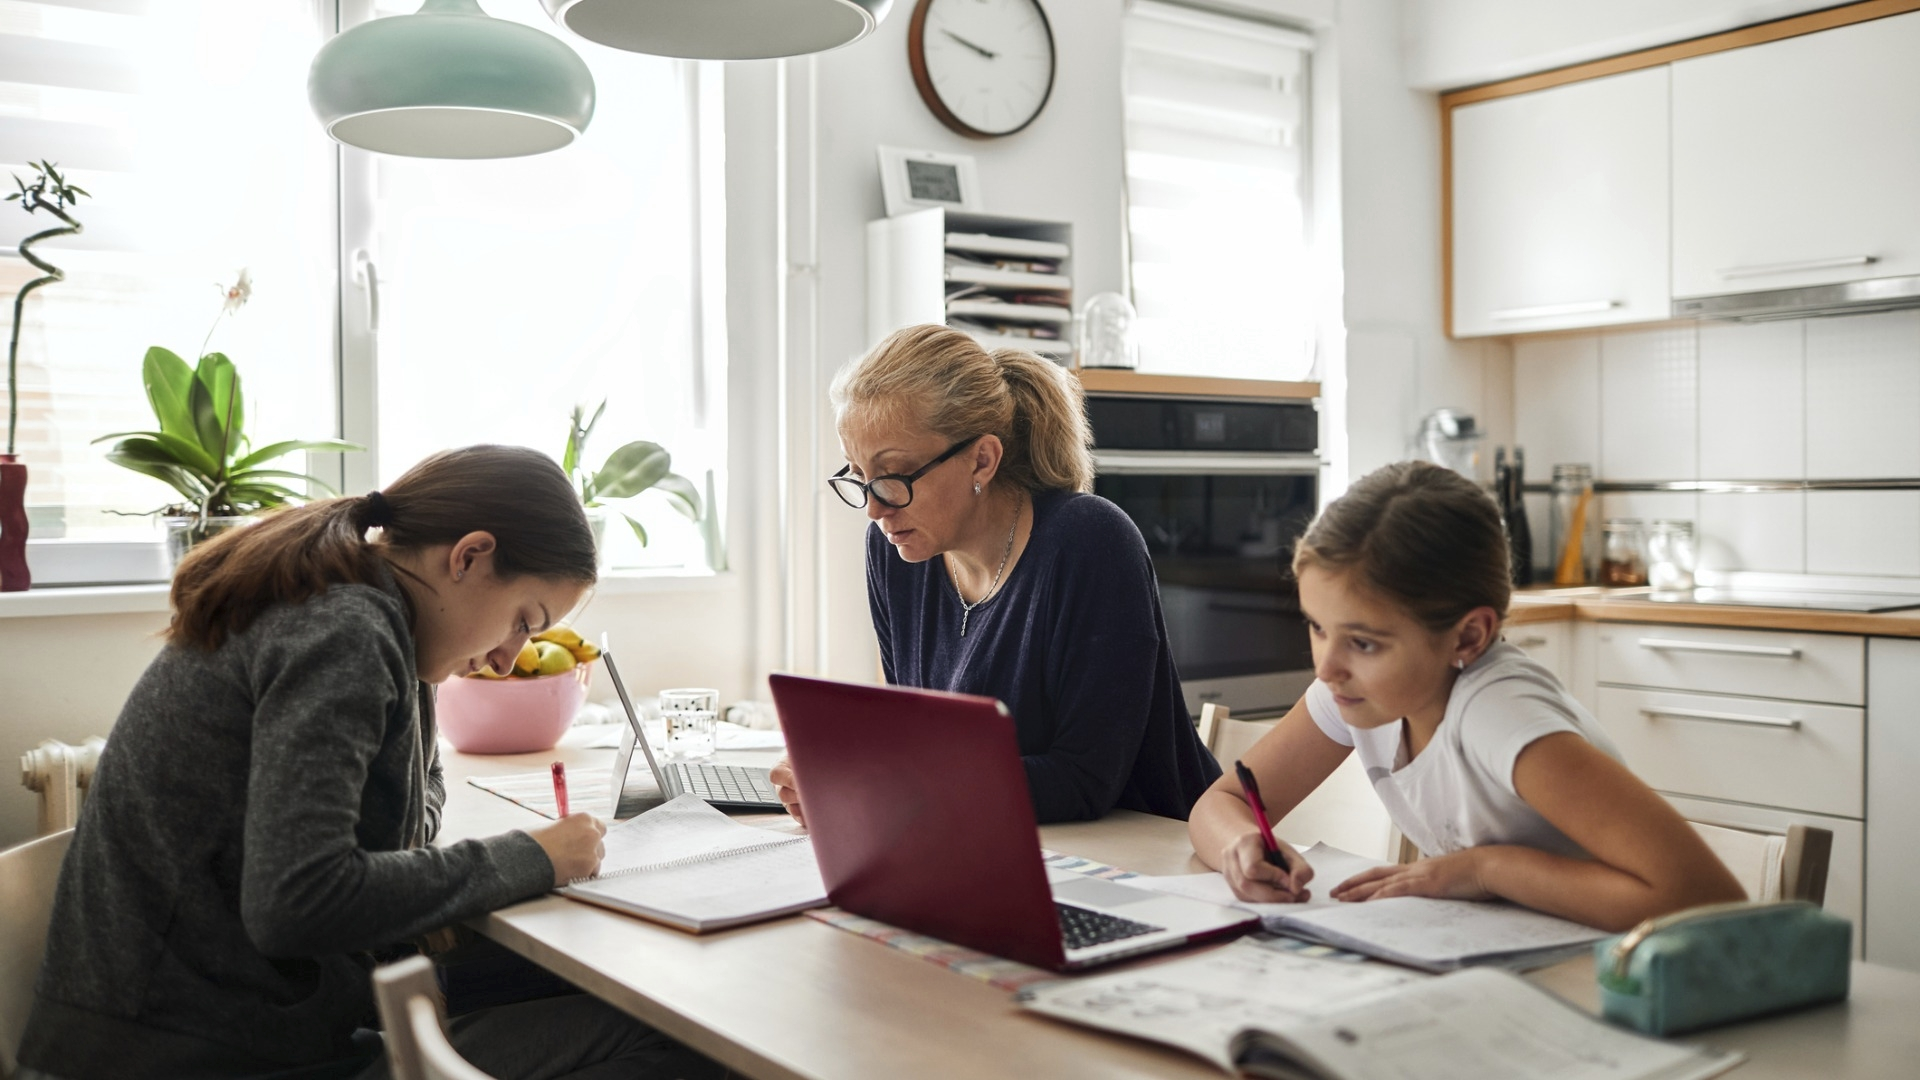 OAJ:n kyselyn mukaan koululaisilla oli pulaa myös laitteista. Monilapsissa perheissä saattoi esimerkiksi olla vain yksi tietokone, jota lapset joutuivat jakamaan.